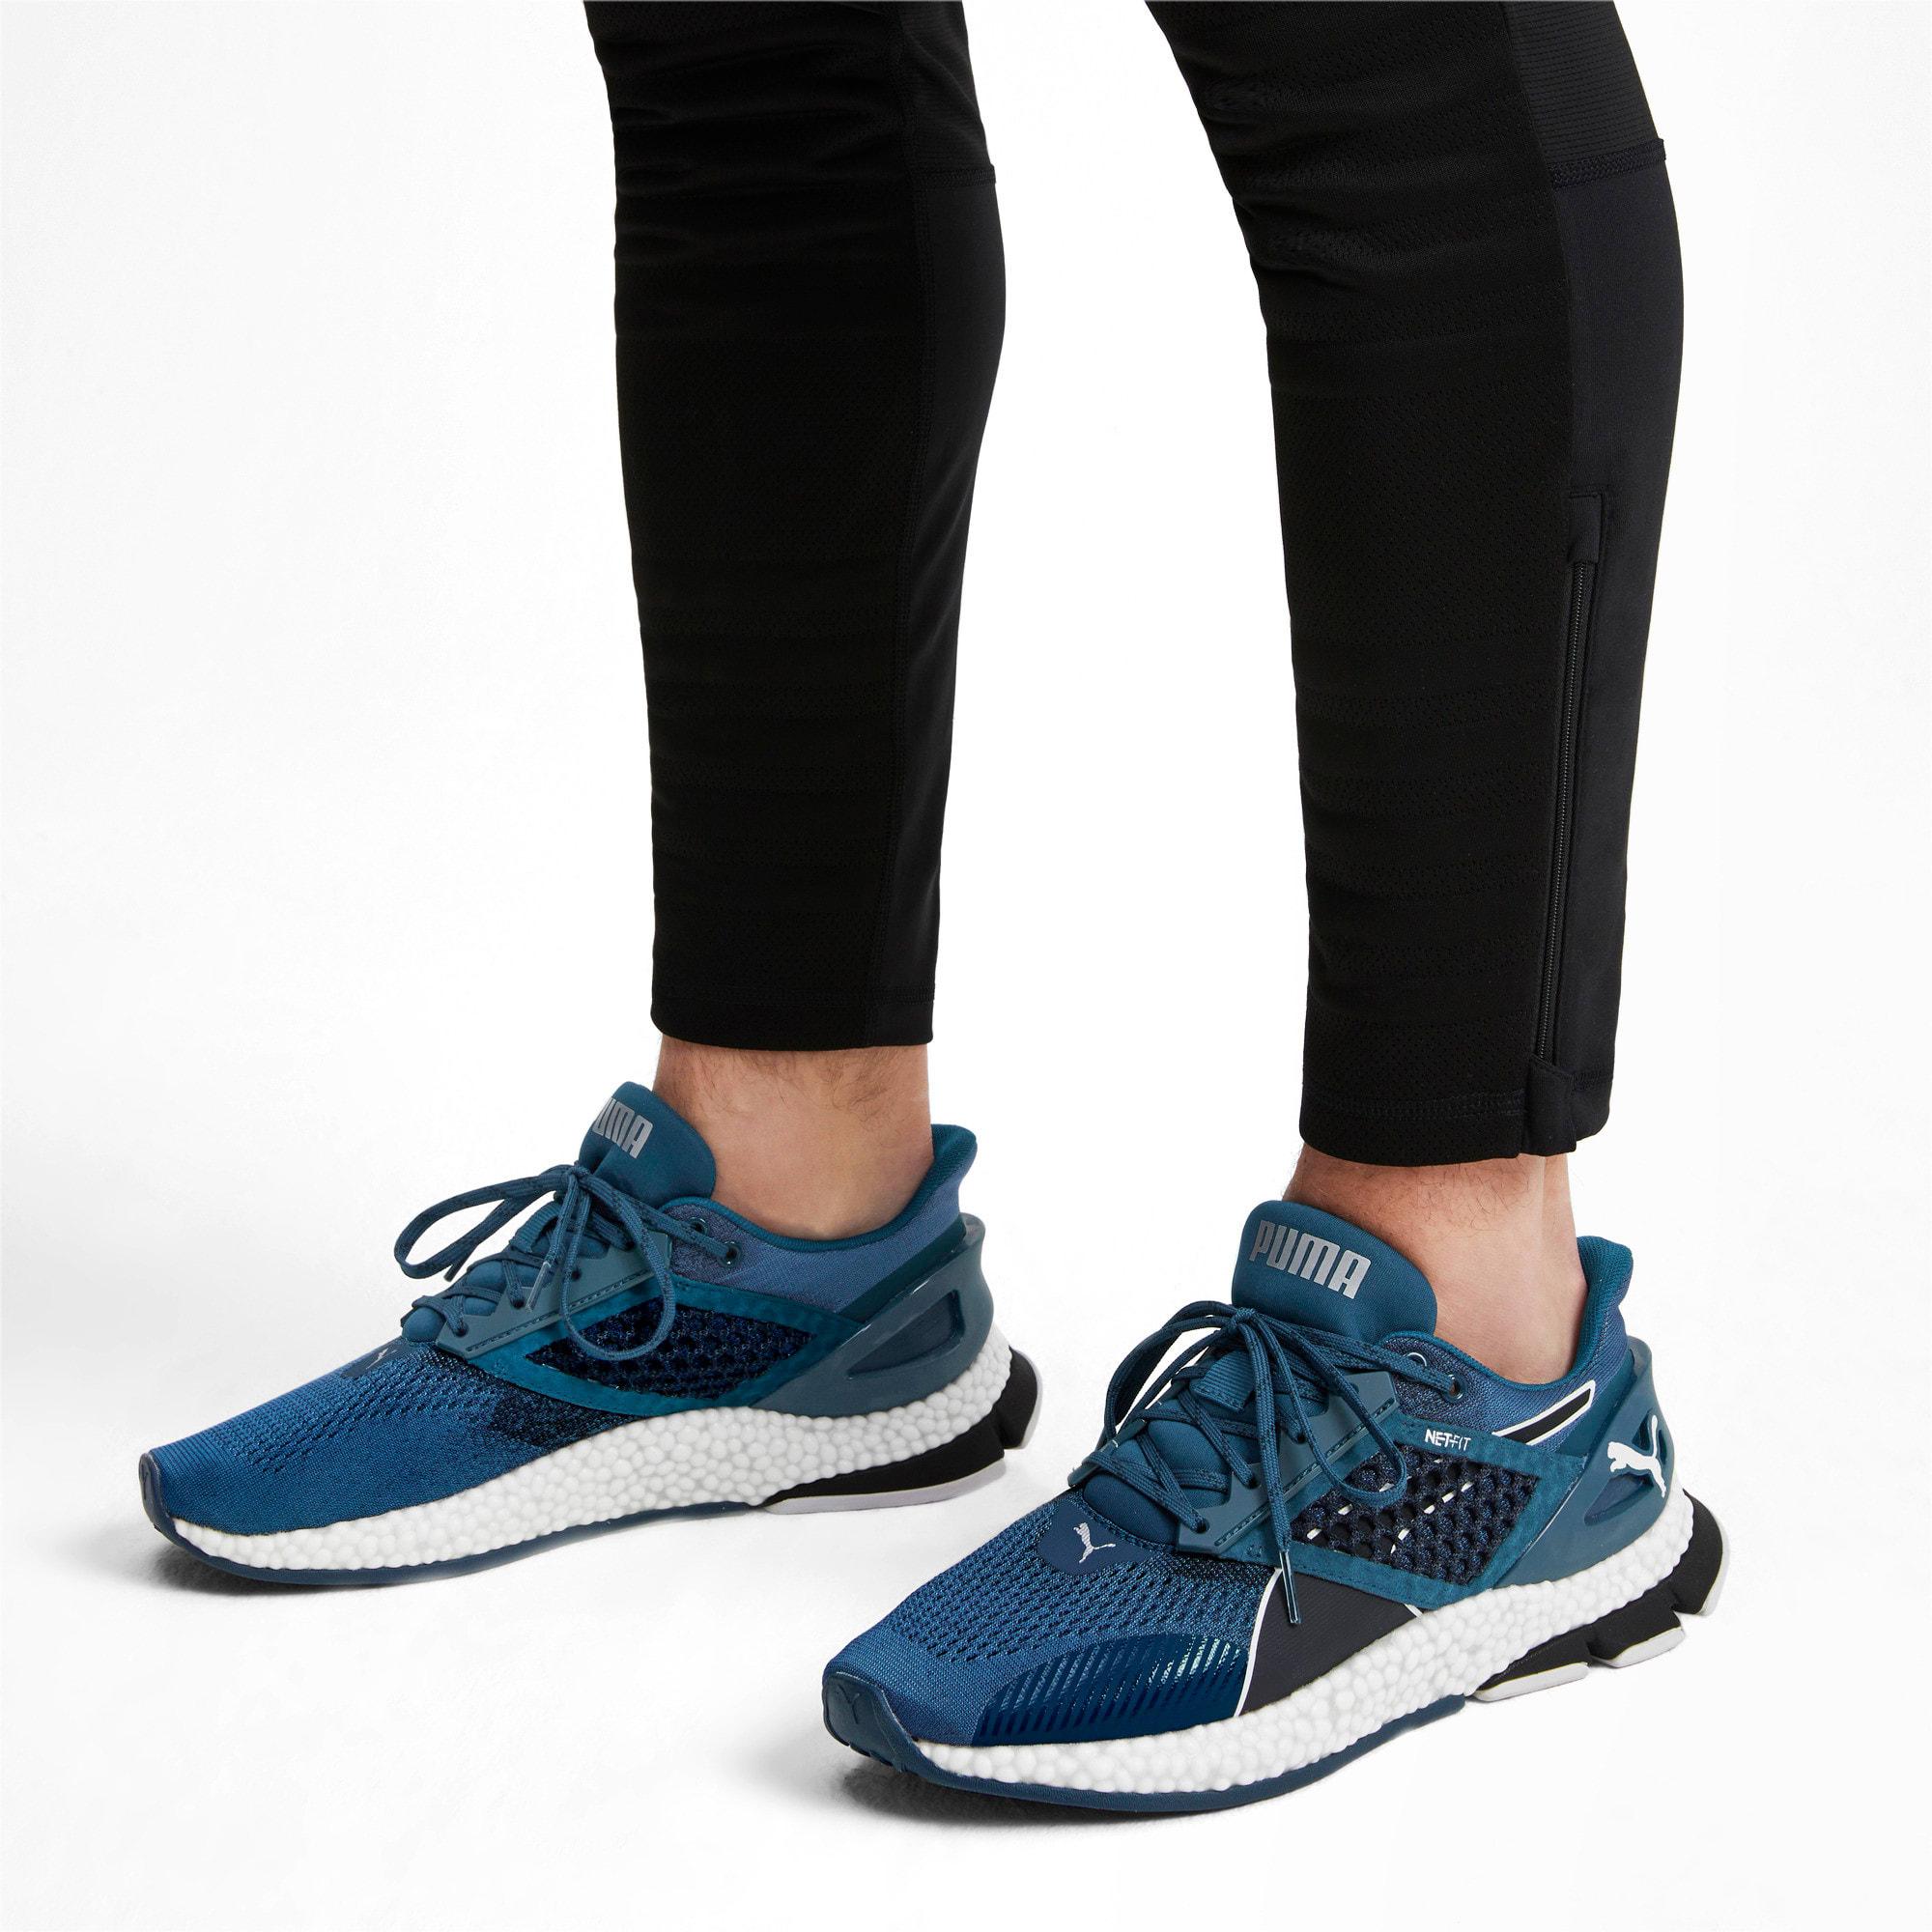 Thumbnail 3 of HYBRID Astro Men's Running Shoes, Black-Gibraltr Sea-Jaffa Org, medium